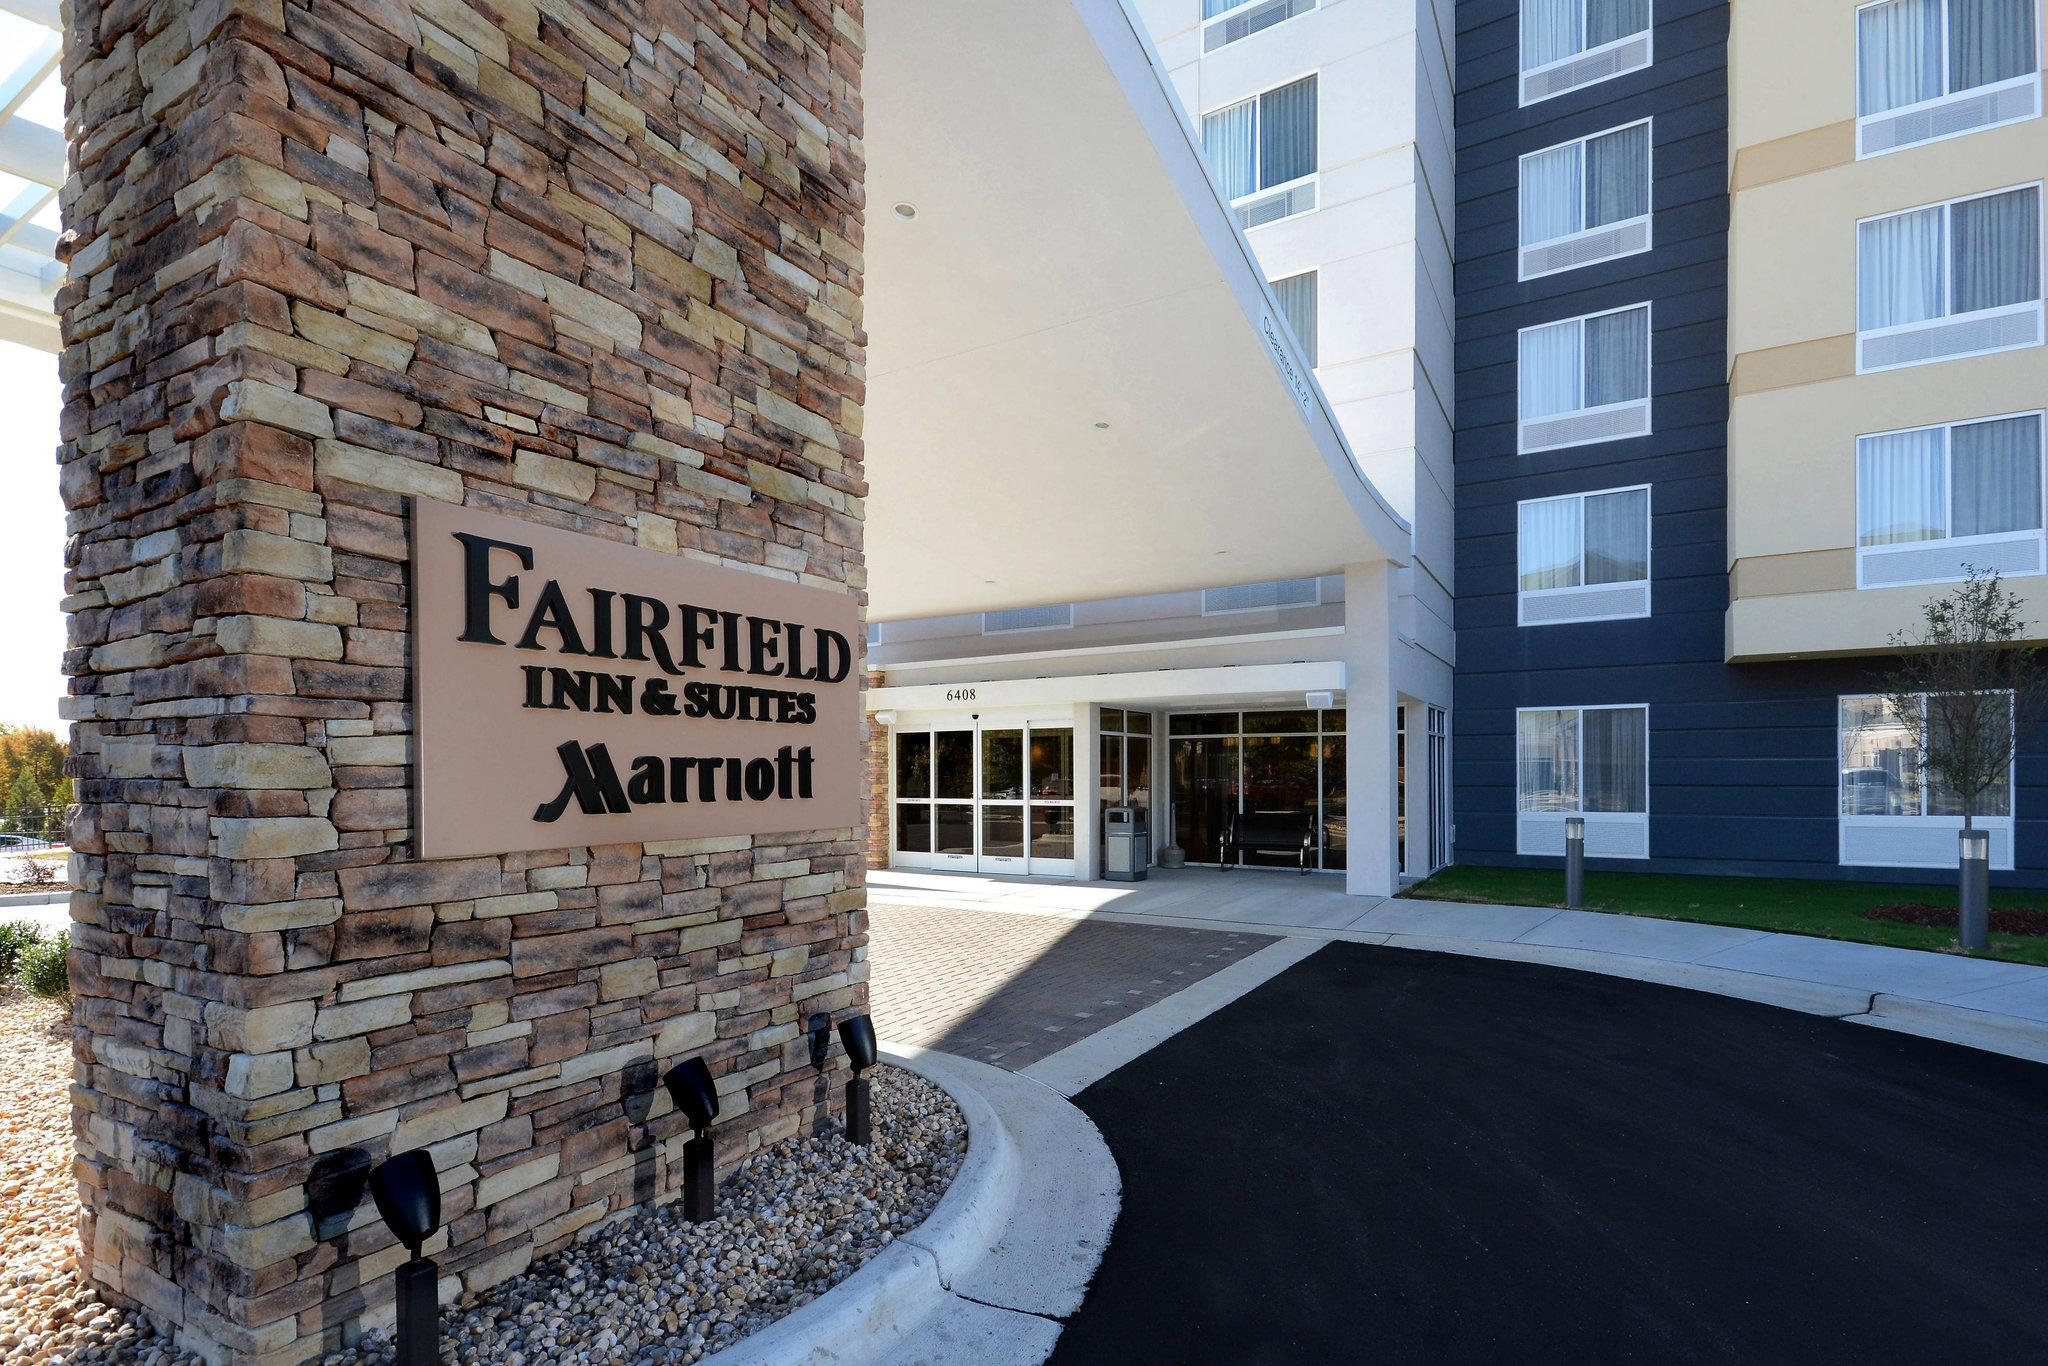 Fairfield Inn And Suites Raleigh Capital Blvd. I 540